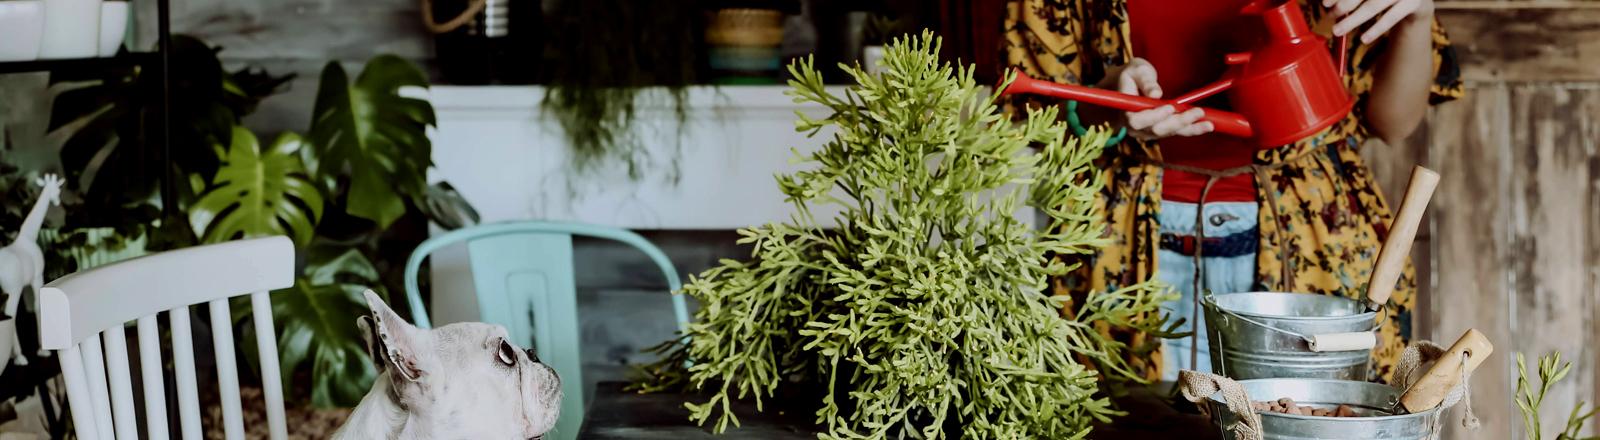 Frau, die ihre Pflanzen gießt, ein Mops auf einem Stuhl schaut zu.